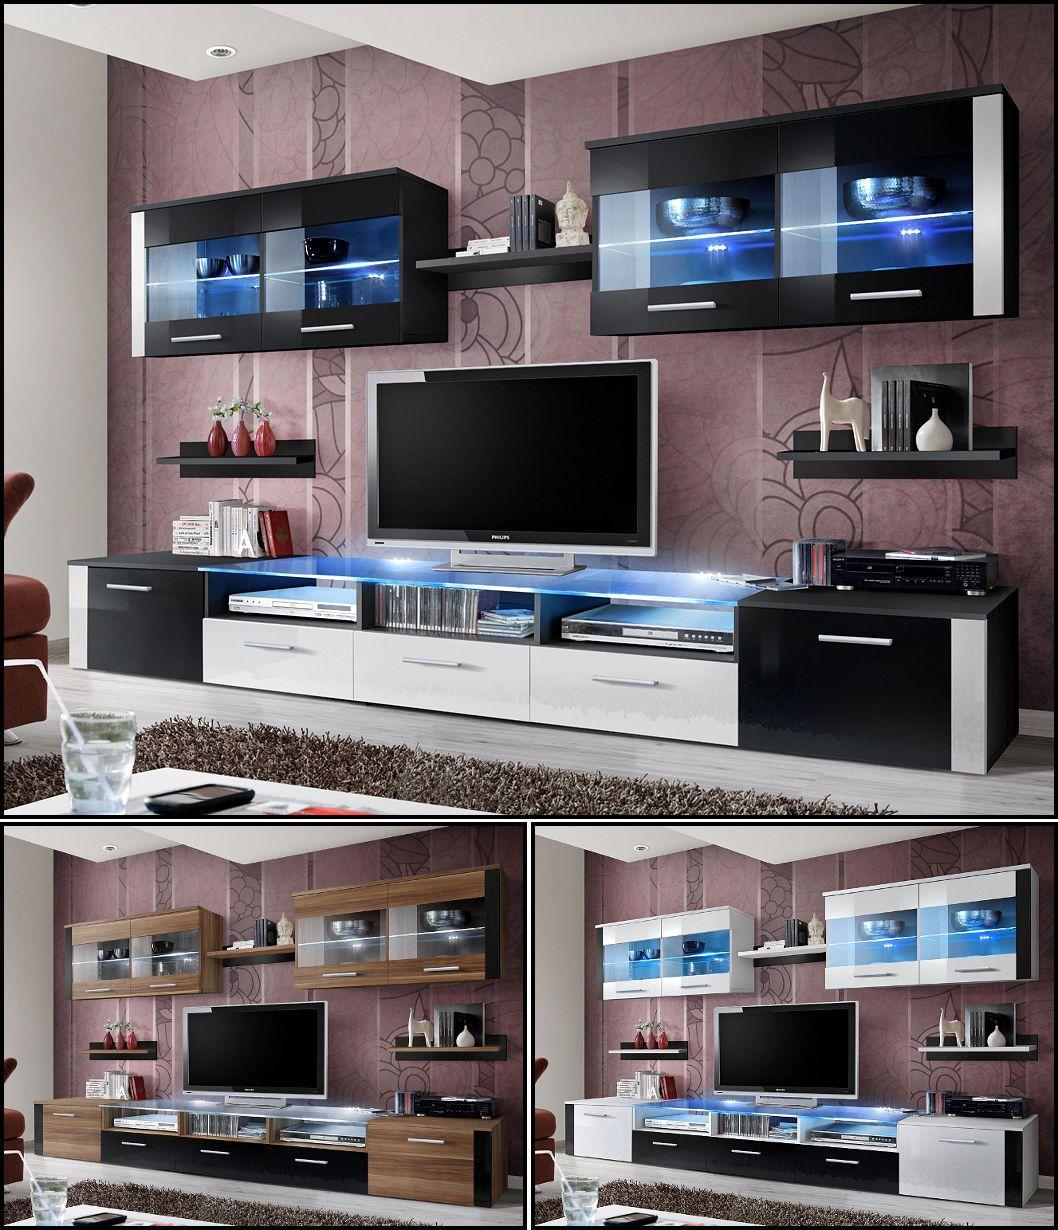 Anspruchsvoll Anbauwand Wohnzimmer Beste Wahl Offers Angebot Wohnwand Schrankwand Zoom Hochglanz Led